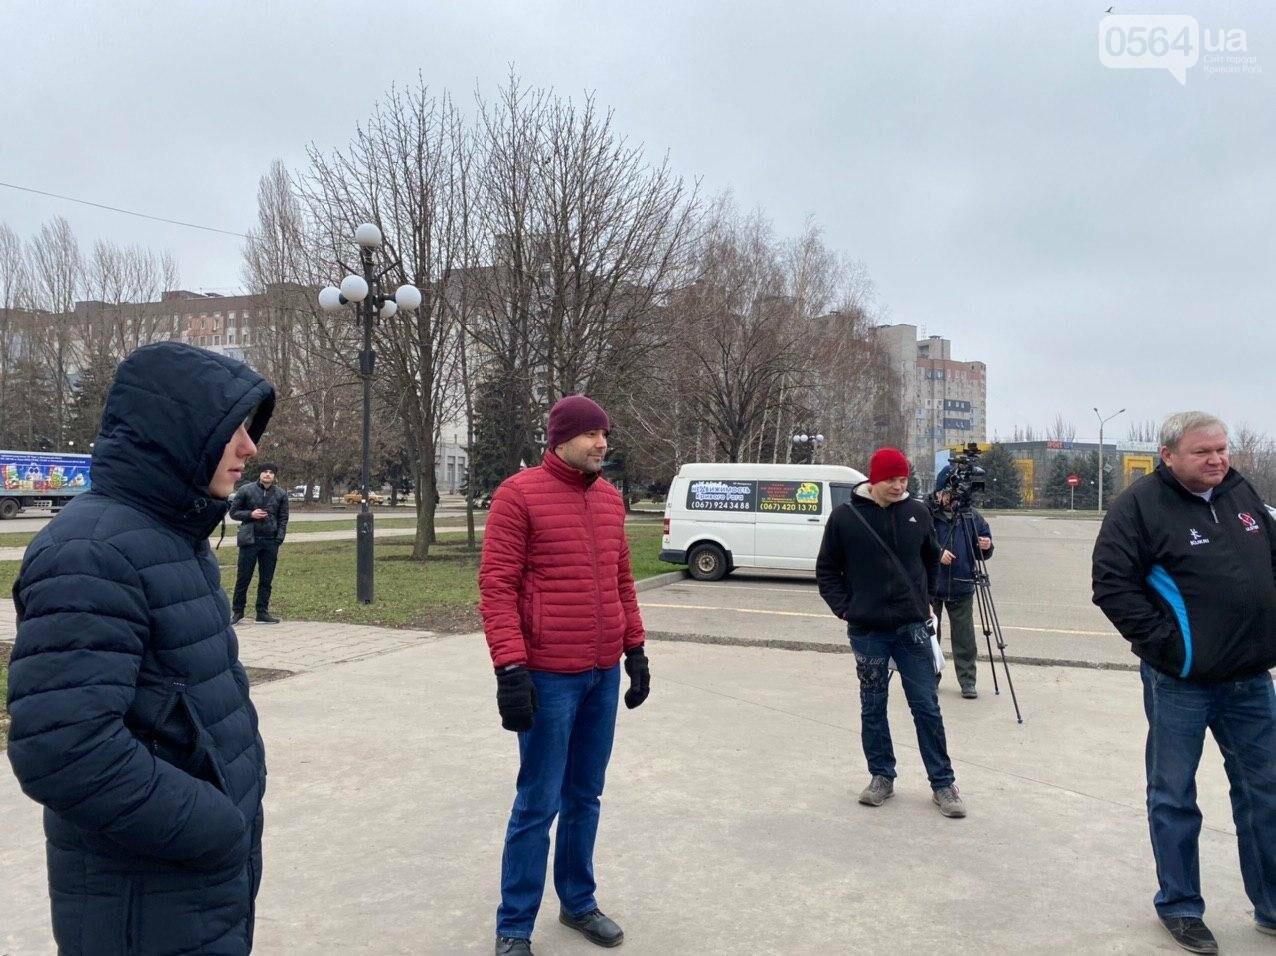 Криворожане записали видеообращение к земляку-президенту и рассказали, как ему убивают рейтинги в городе, - ФОТО, ВИДЕО , фото-13